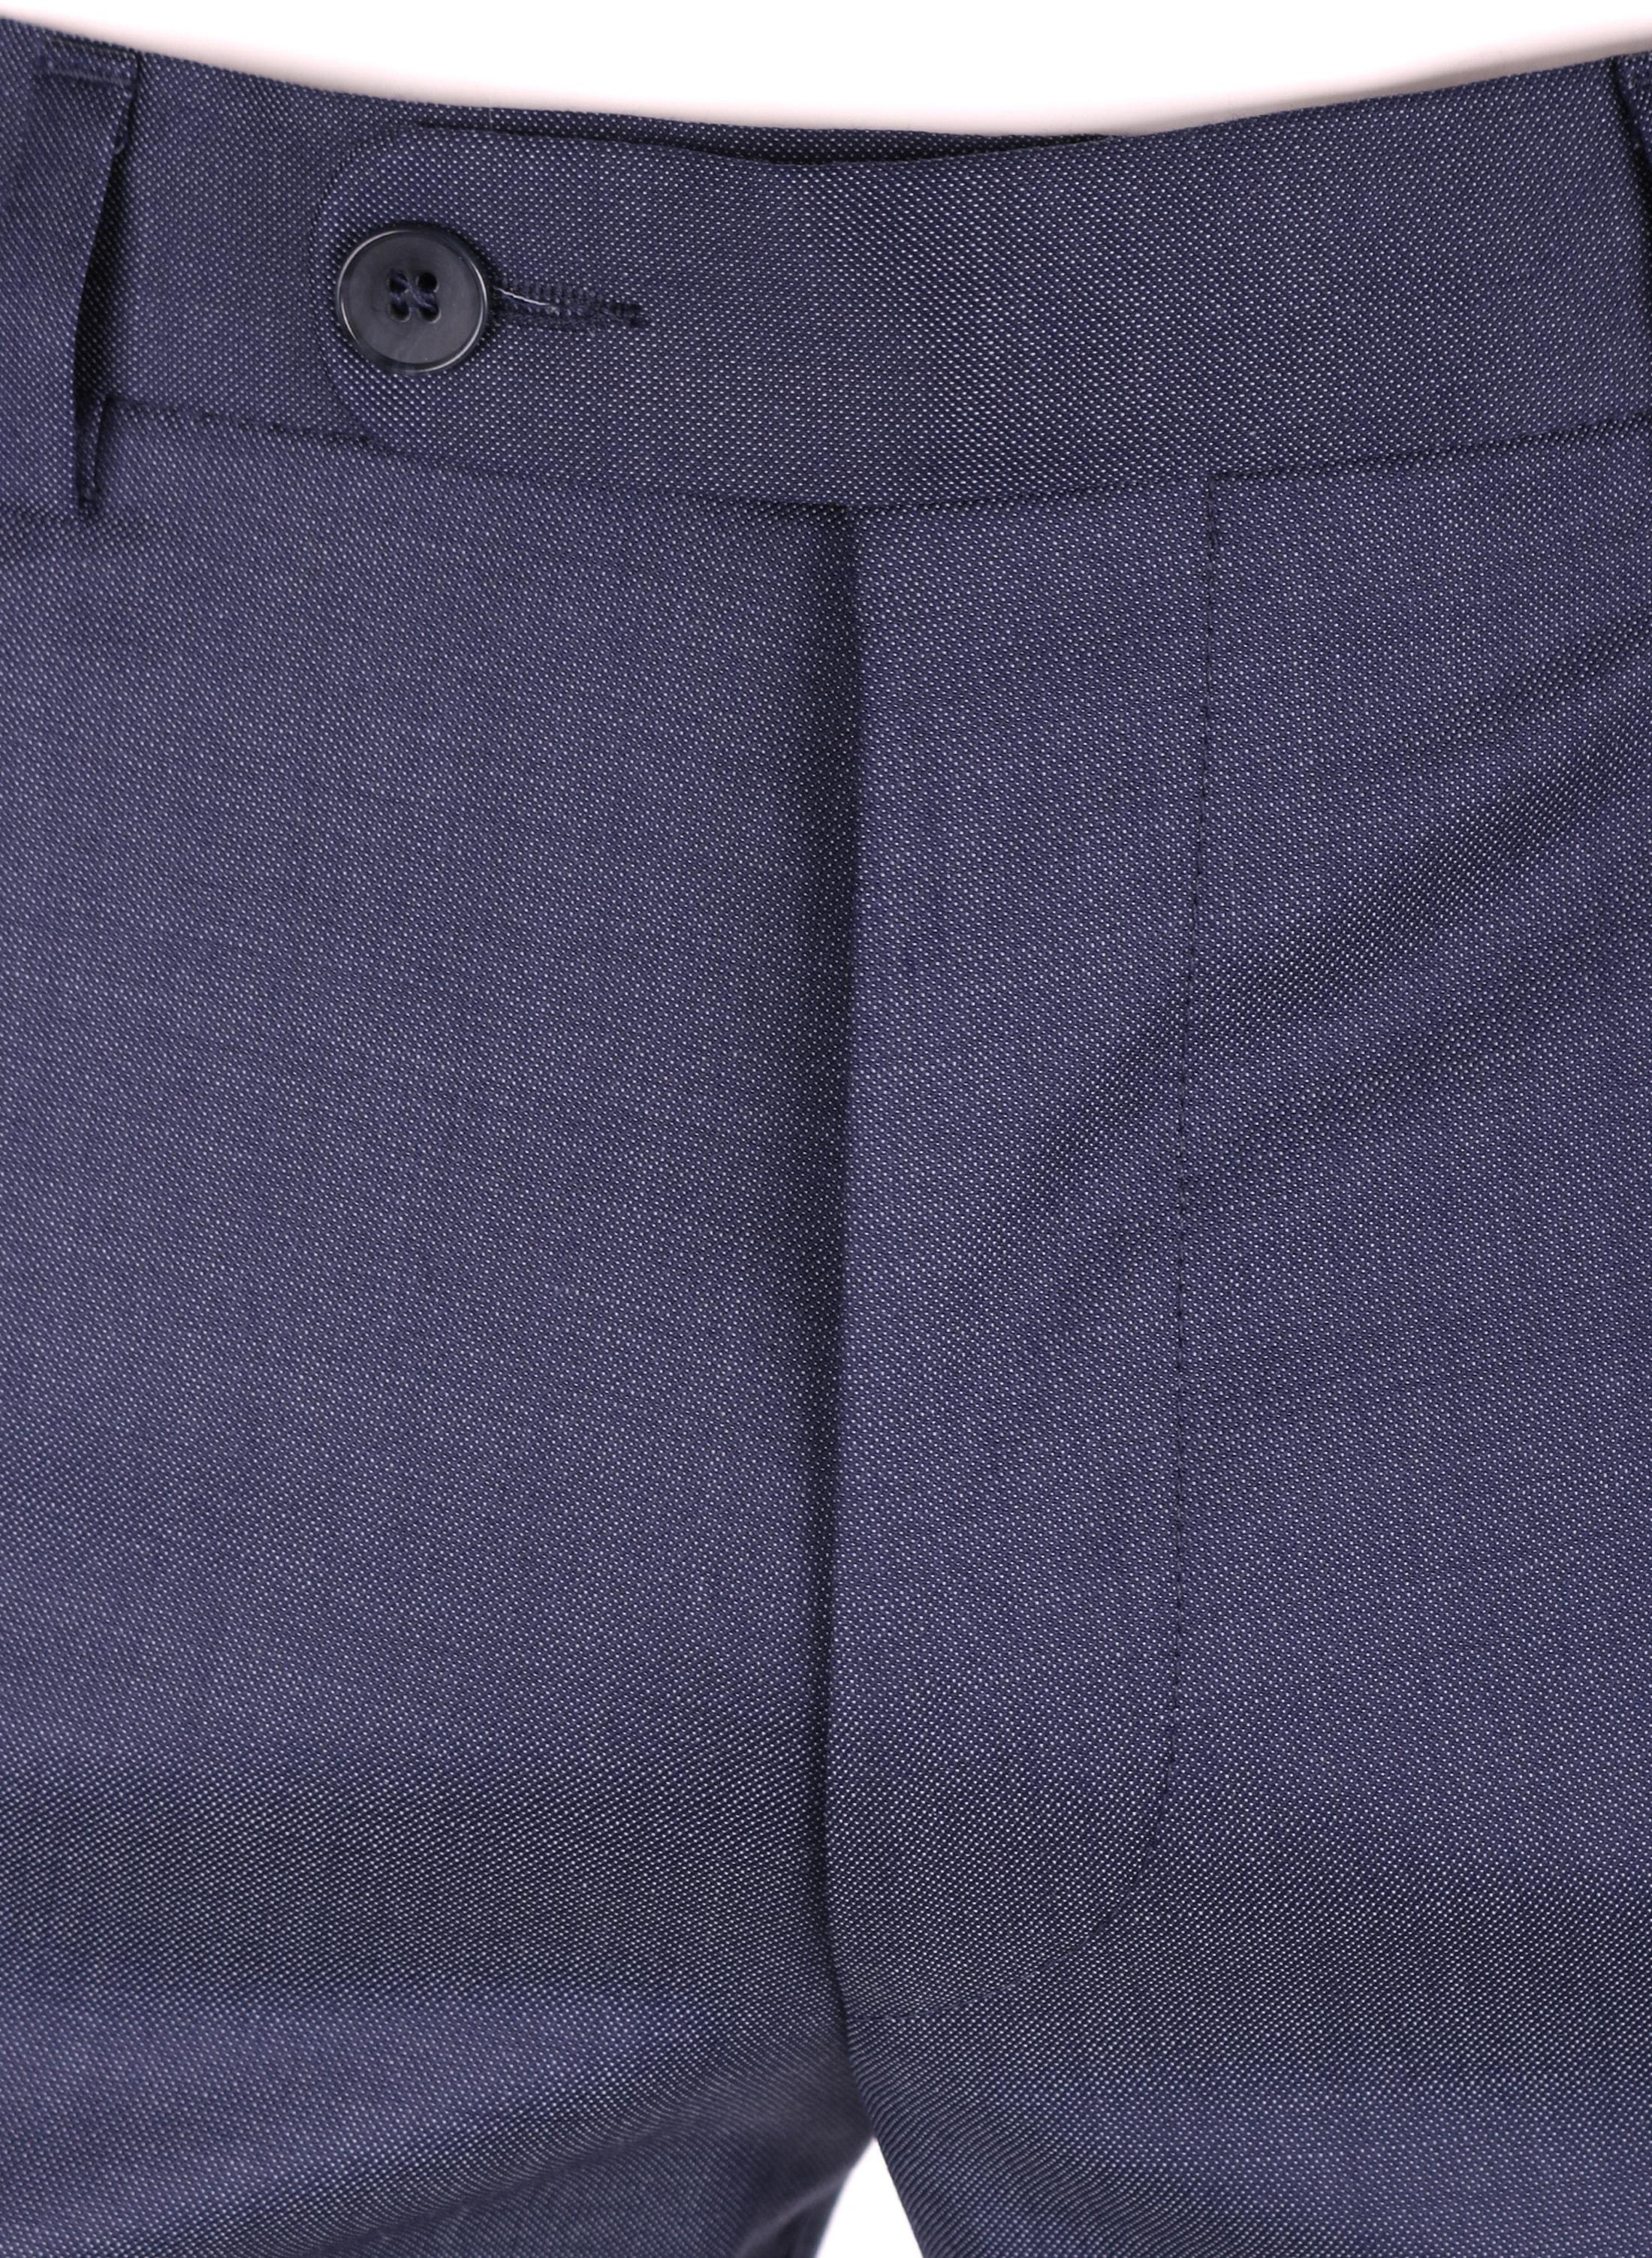 Digel Per Pantalon Donkerblauw foto 3